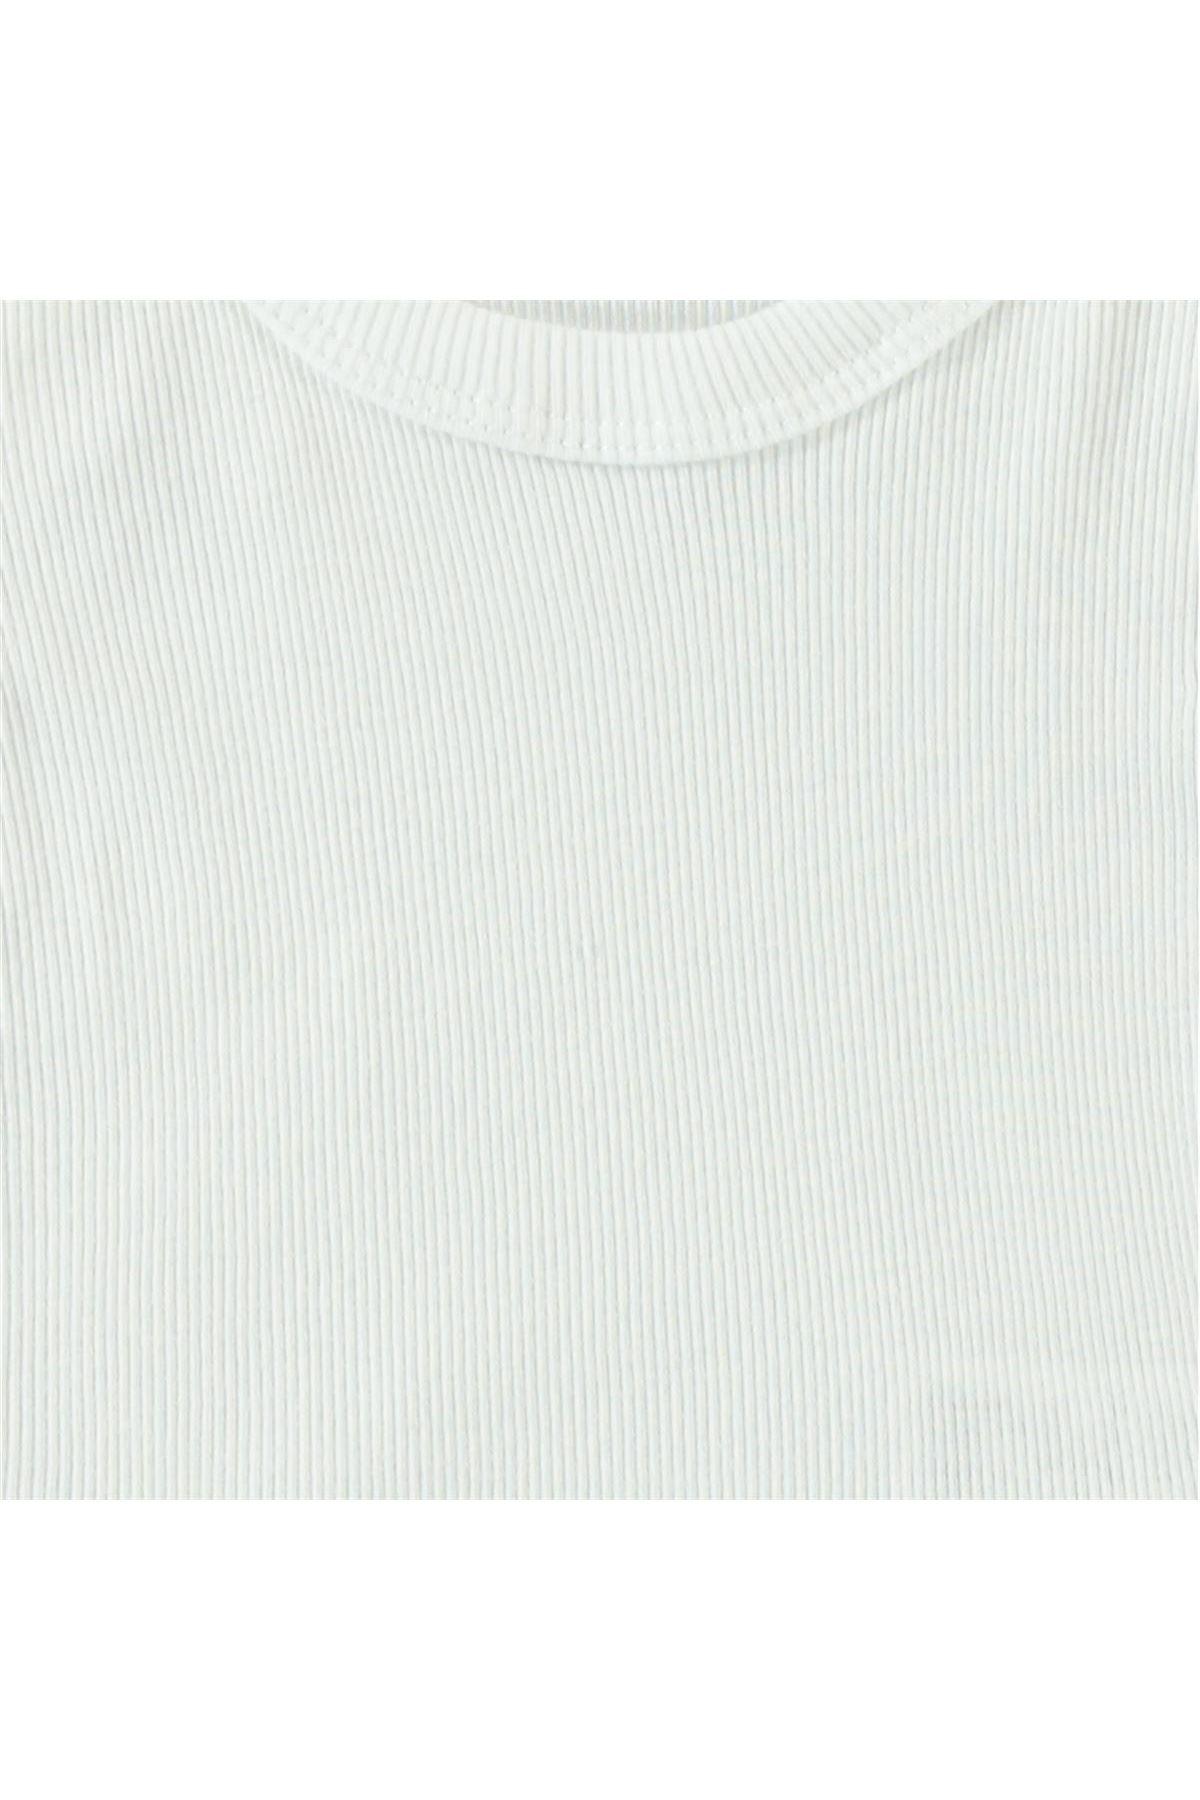 Albimini Minidamla Kaşkorse Bebe Askılı Çamaşır Takımı 42770 Ekru